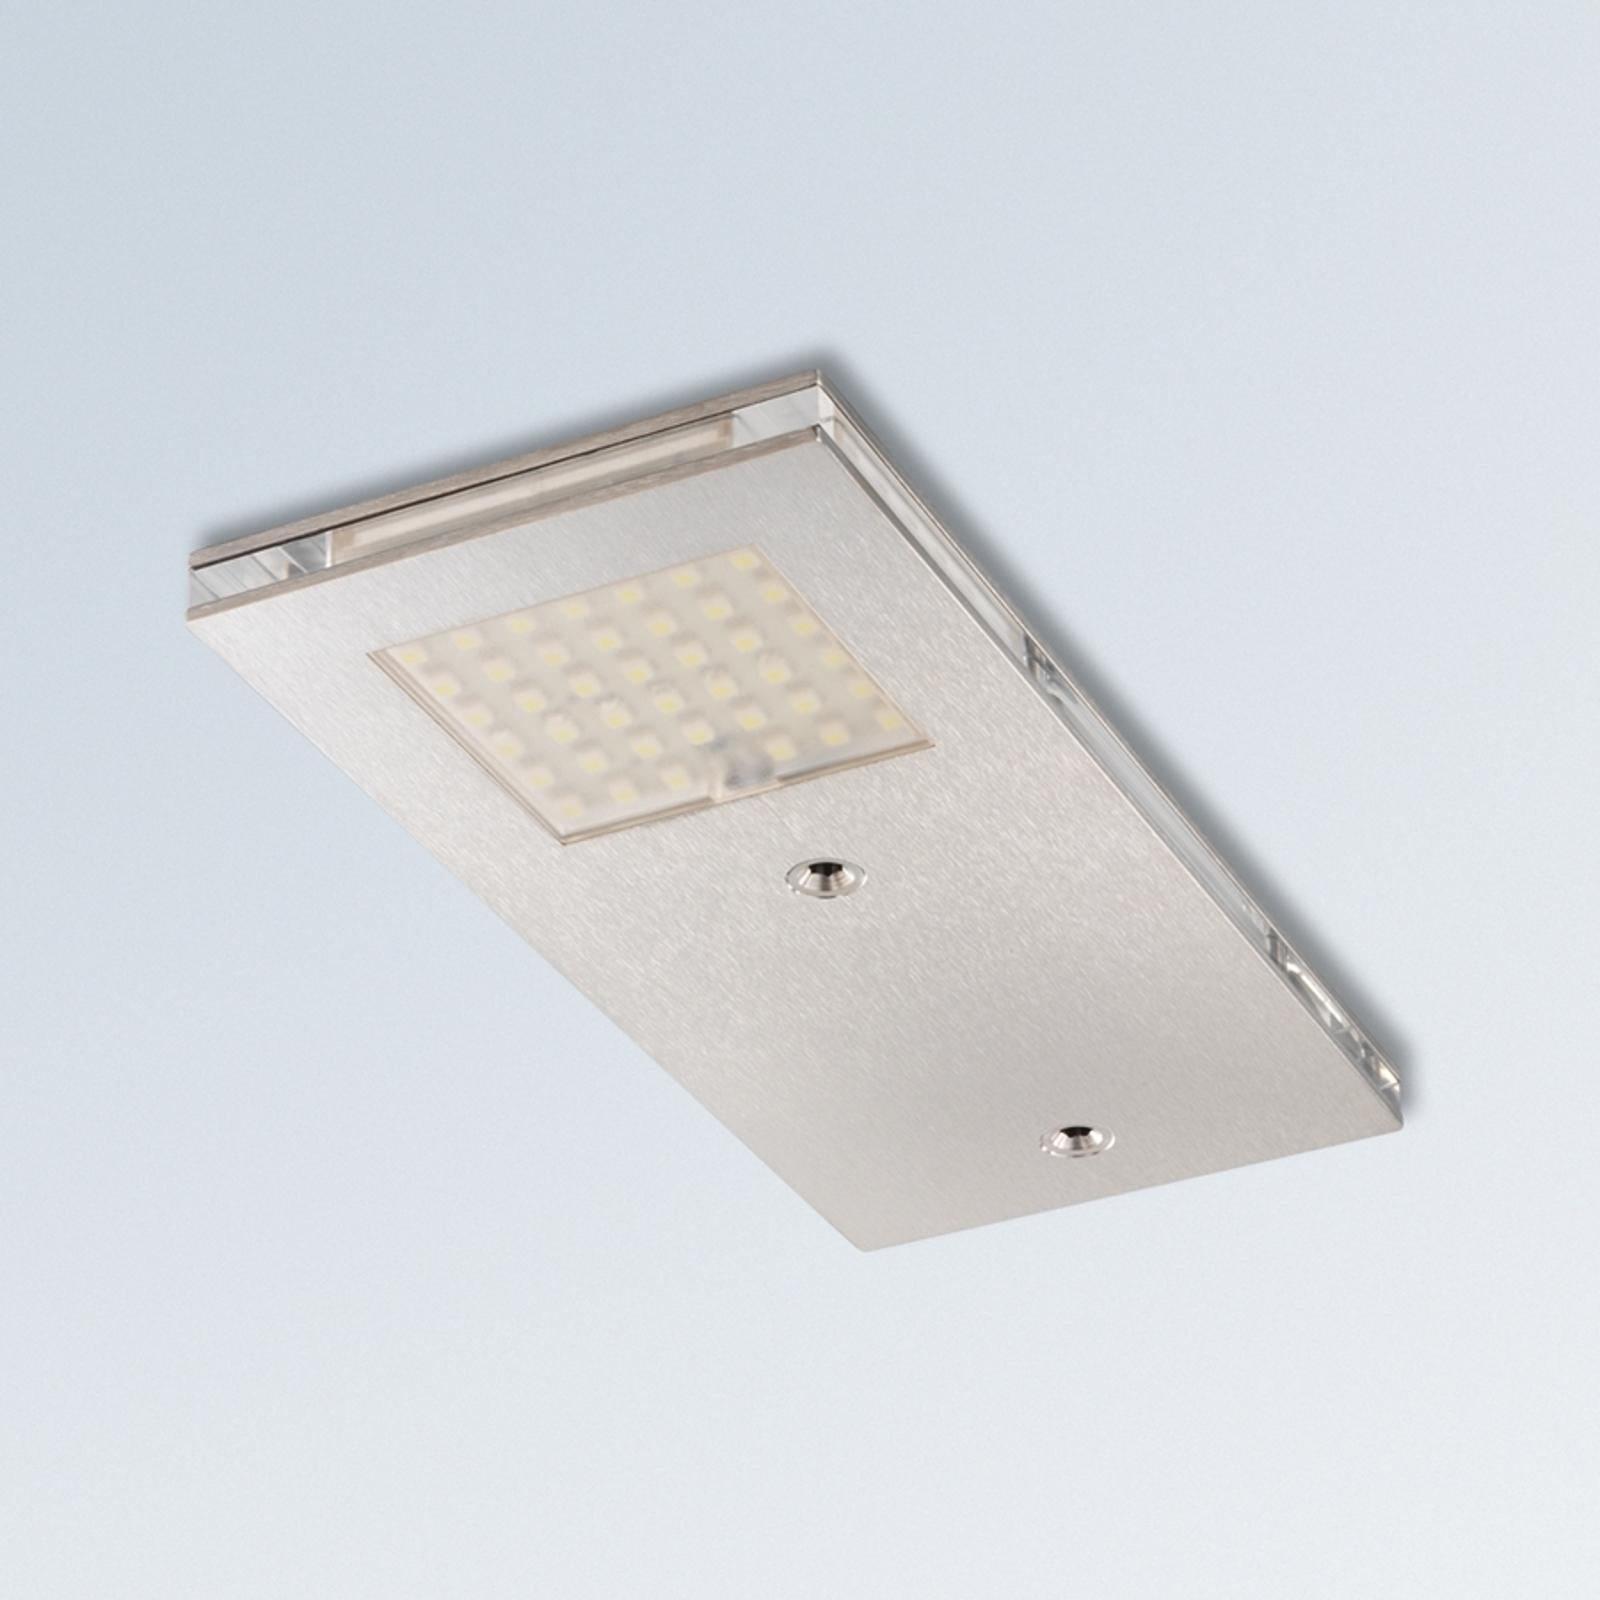 Moderne LED-Unterbauleuchte Flat I